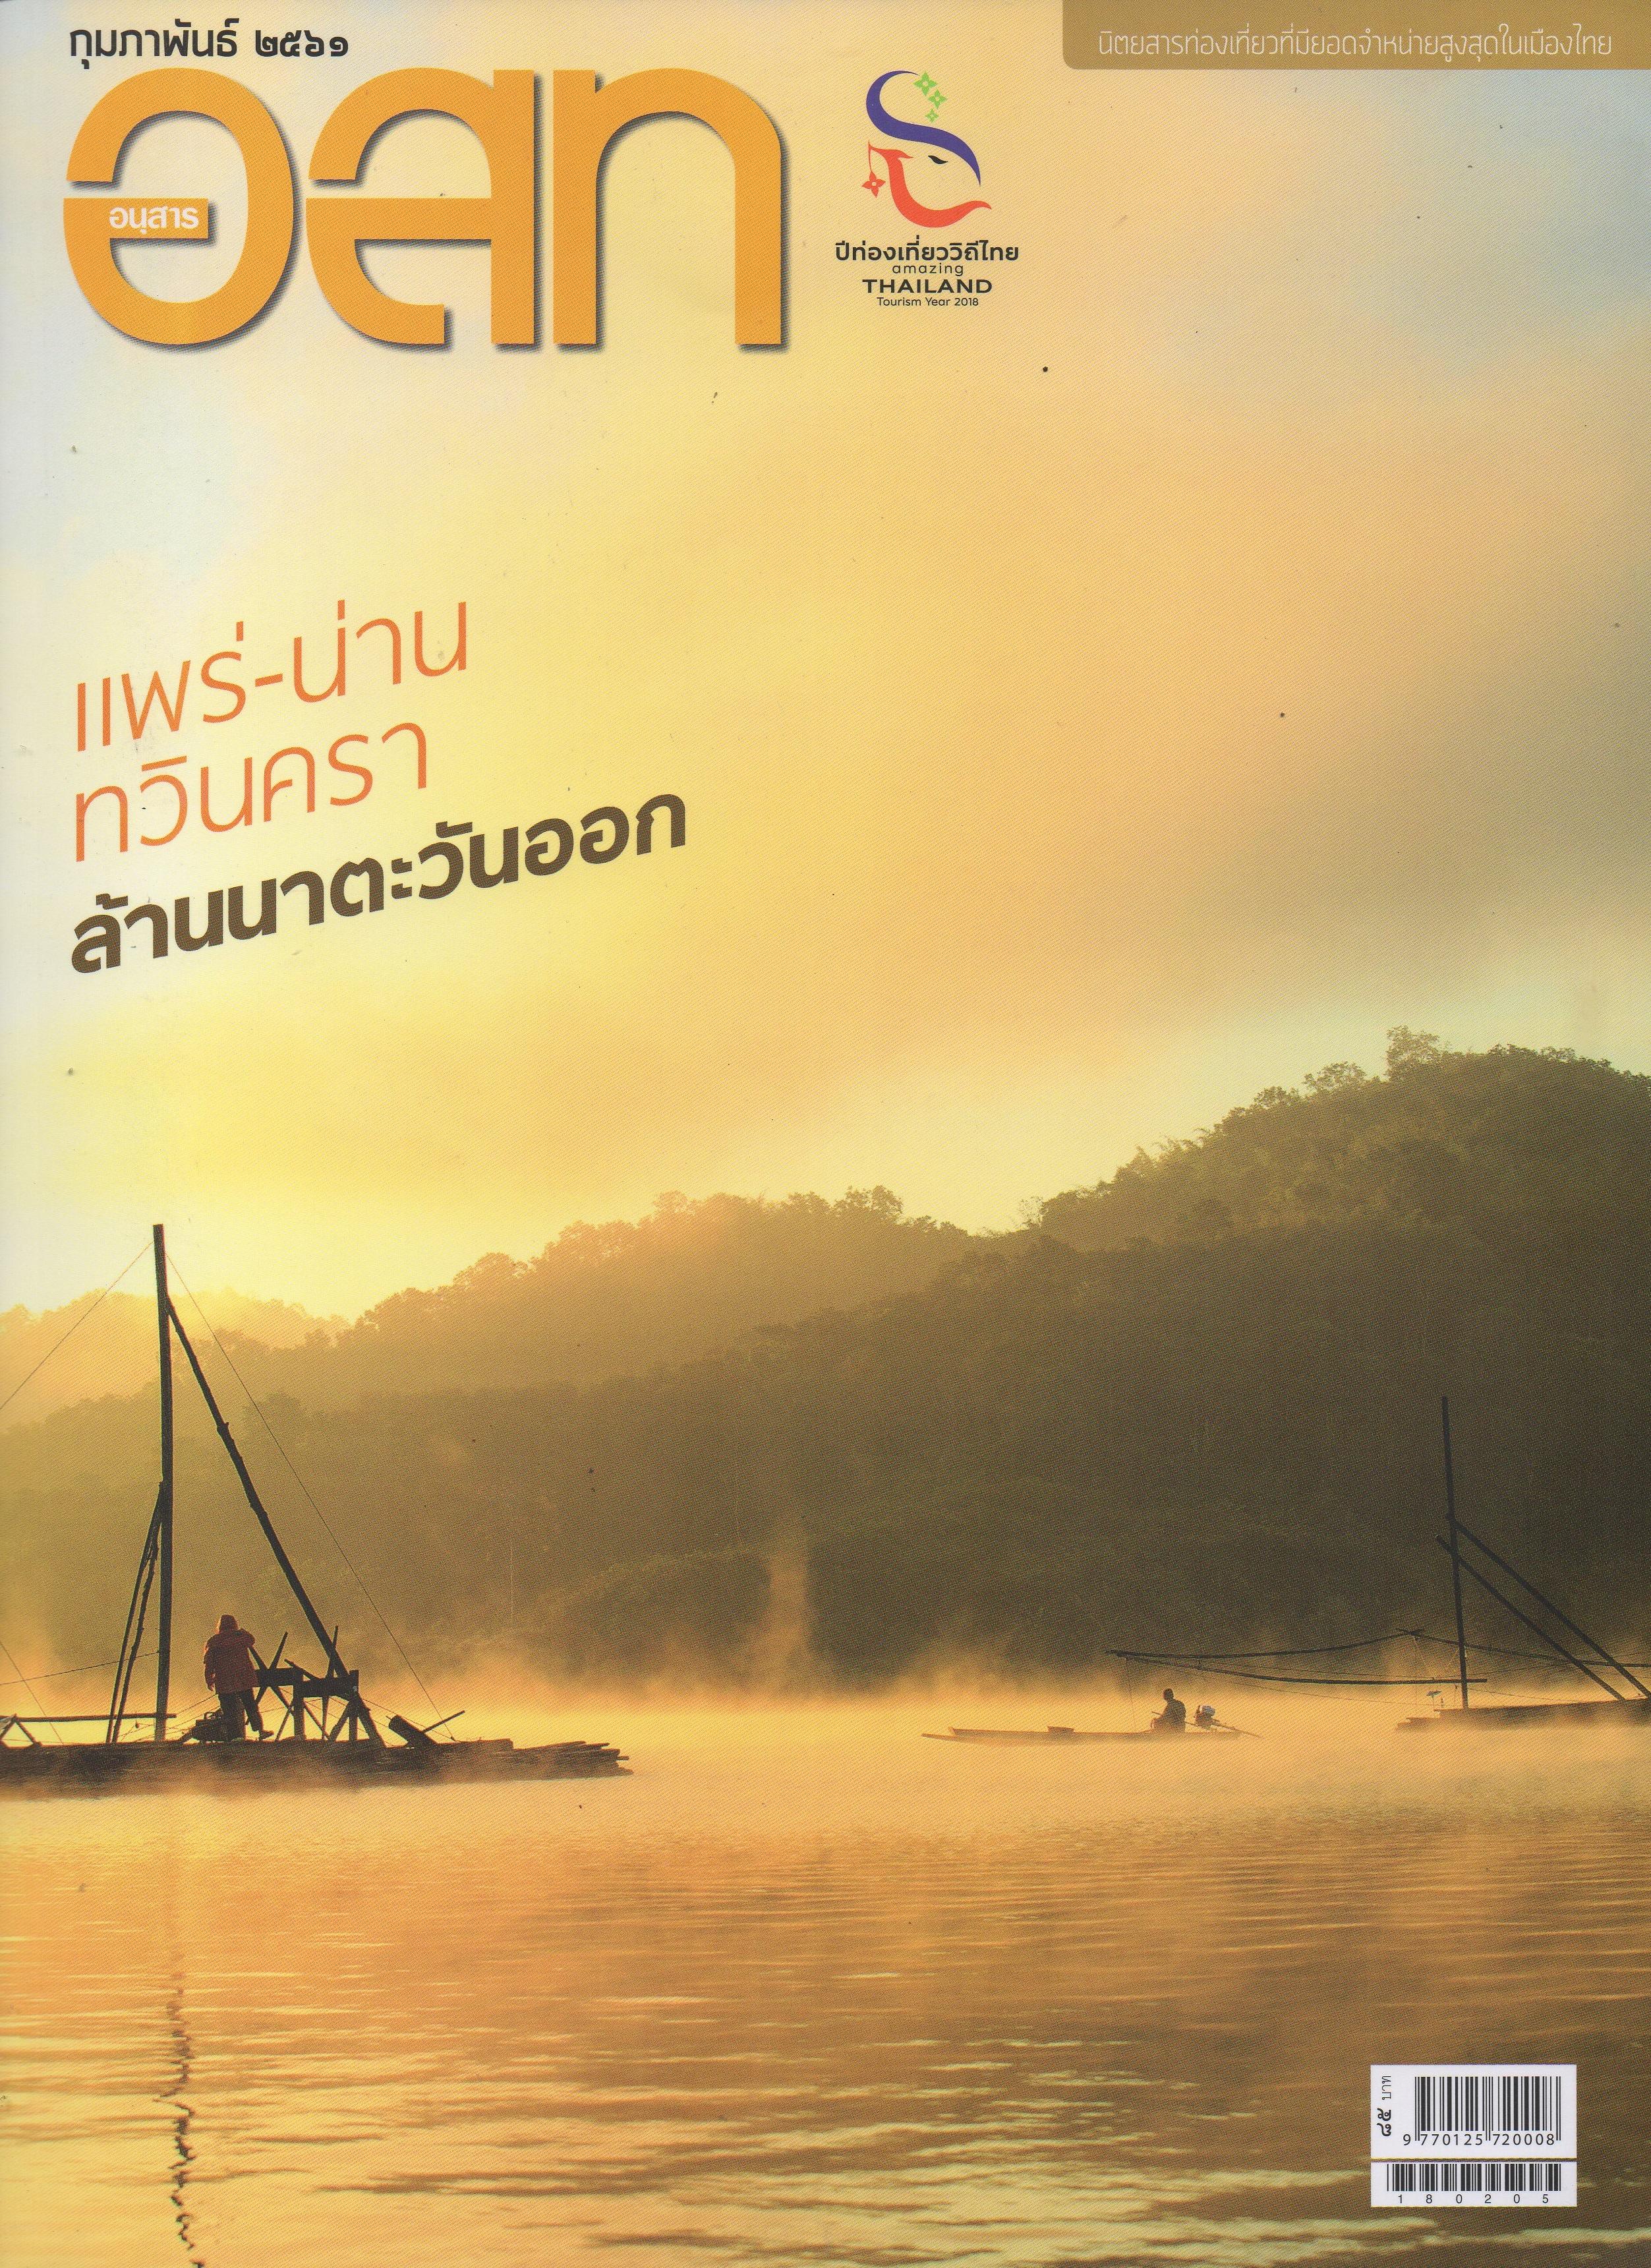 แนะนำวารสารใหม่ ประจำเดือนกุมภาพันธ์ 2561 ครั้งที่ 1